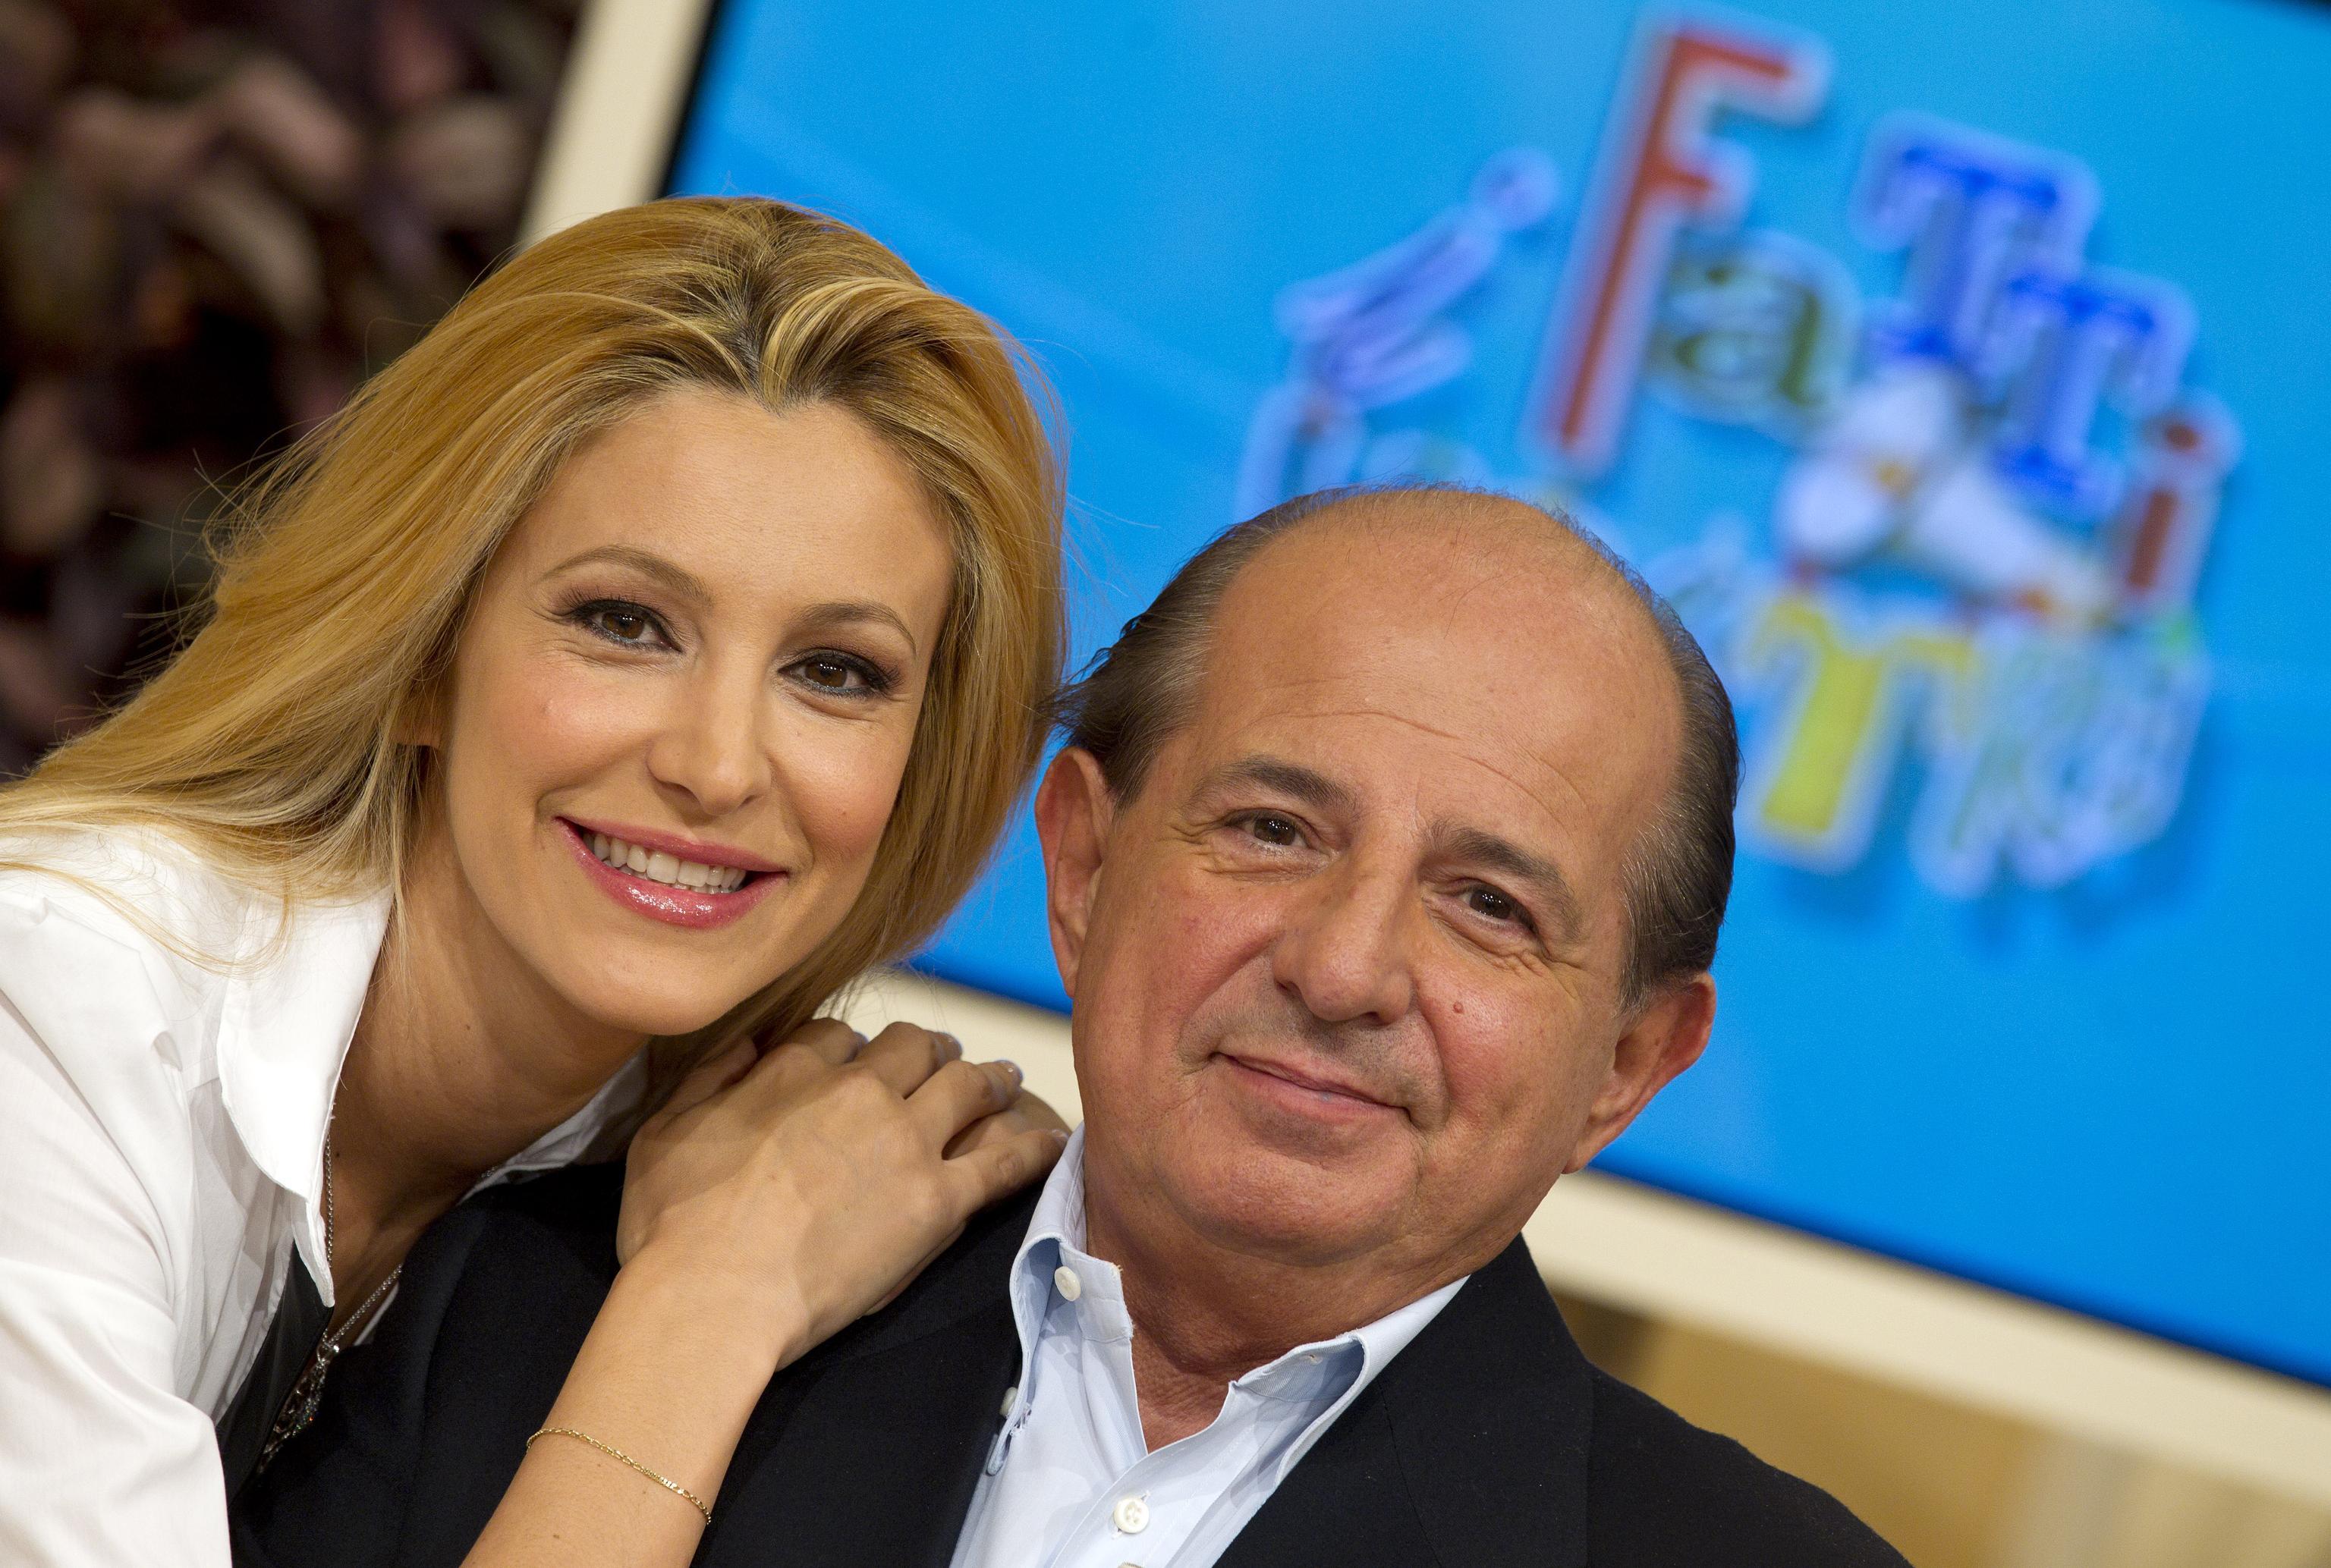 Magalli e Adriana Volpe, la saga continua: il conduttore punzecchia la collega a I Fatti Vostri